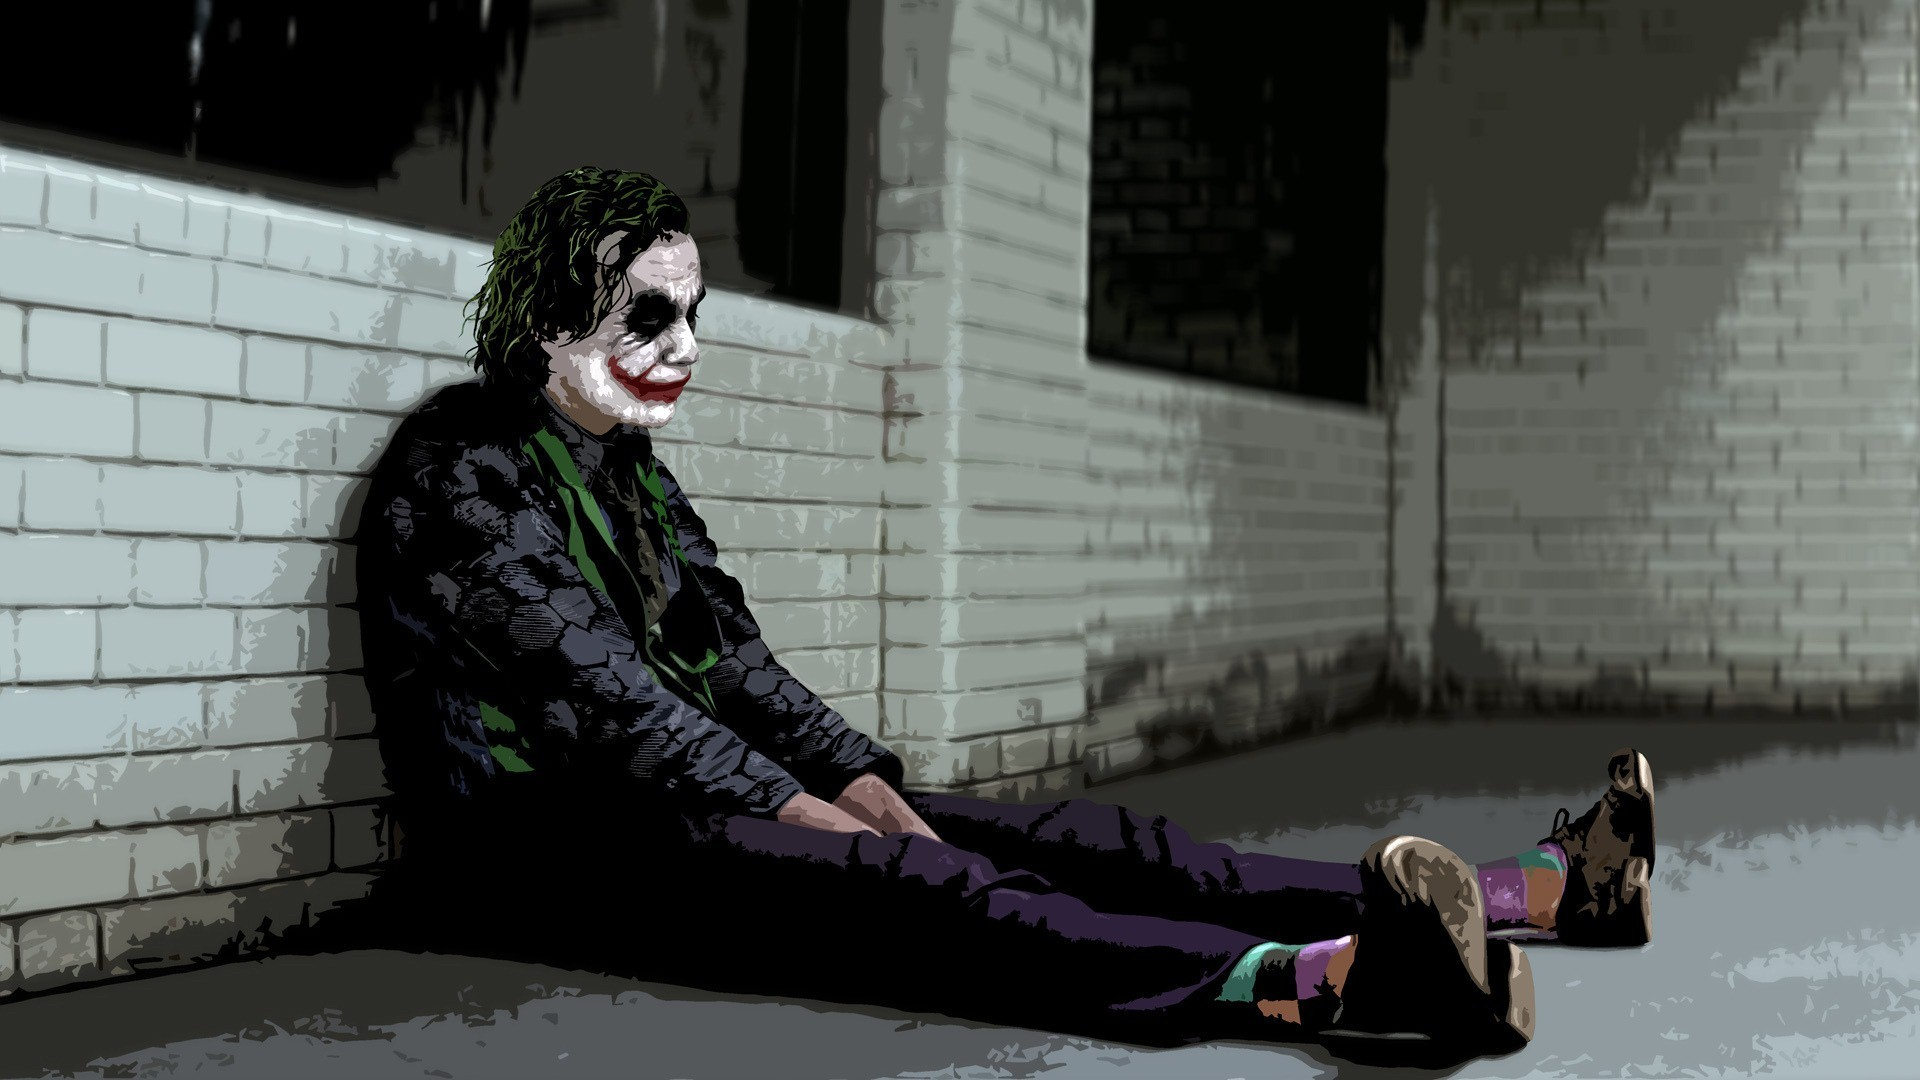 Joker Desktop Background (71+ images)